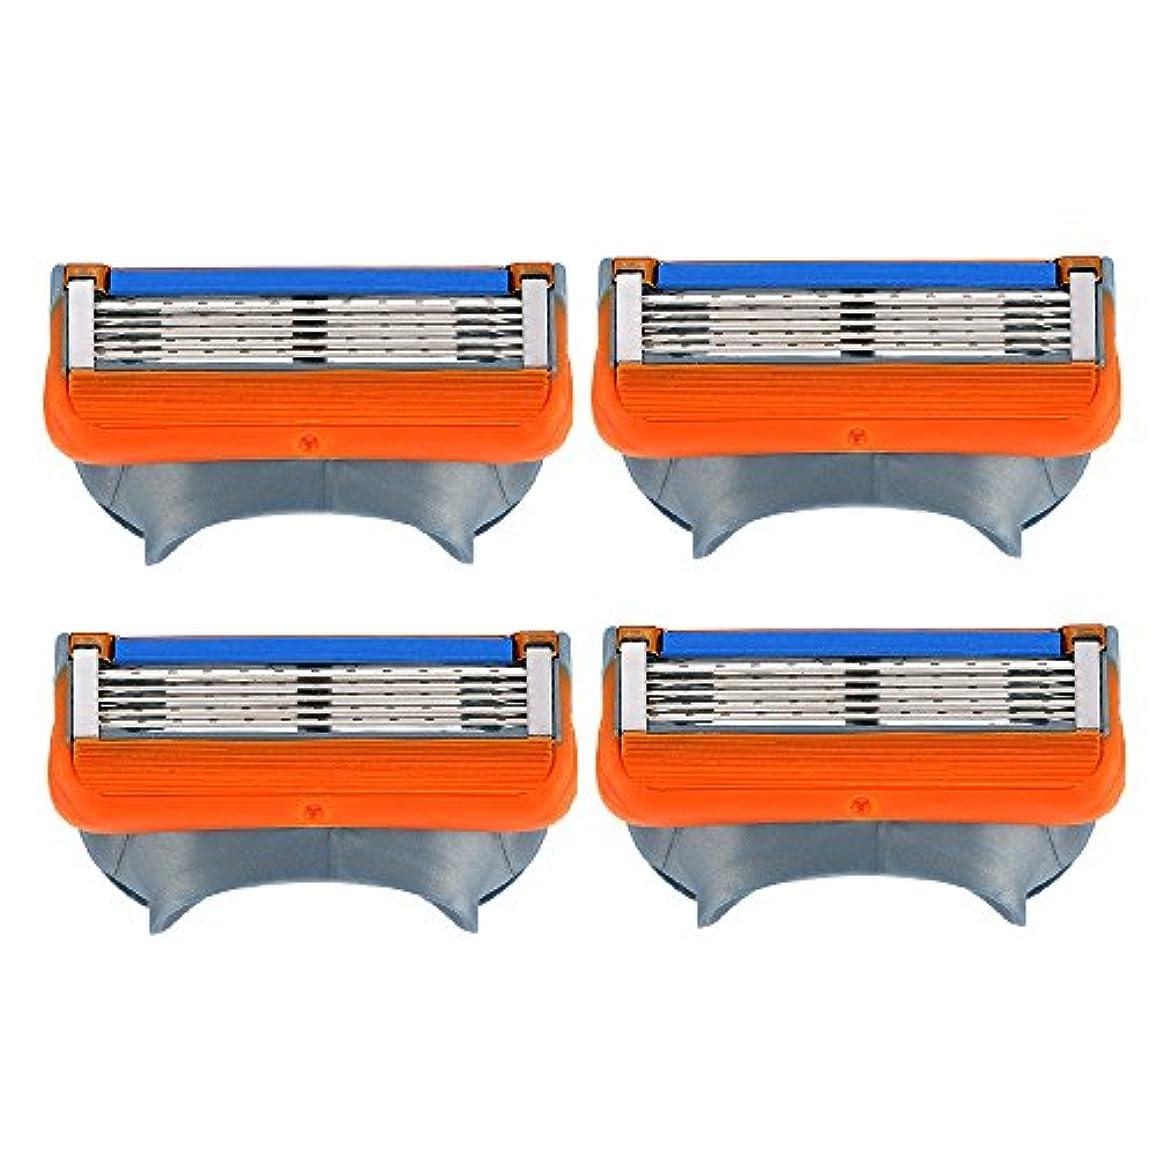 見物人薬局プラスAJACK 4個 シェーバーヘッド 交換用 5層ブレード ジレットかみそりに適用